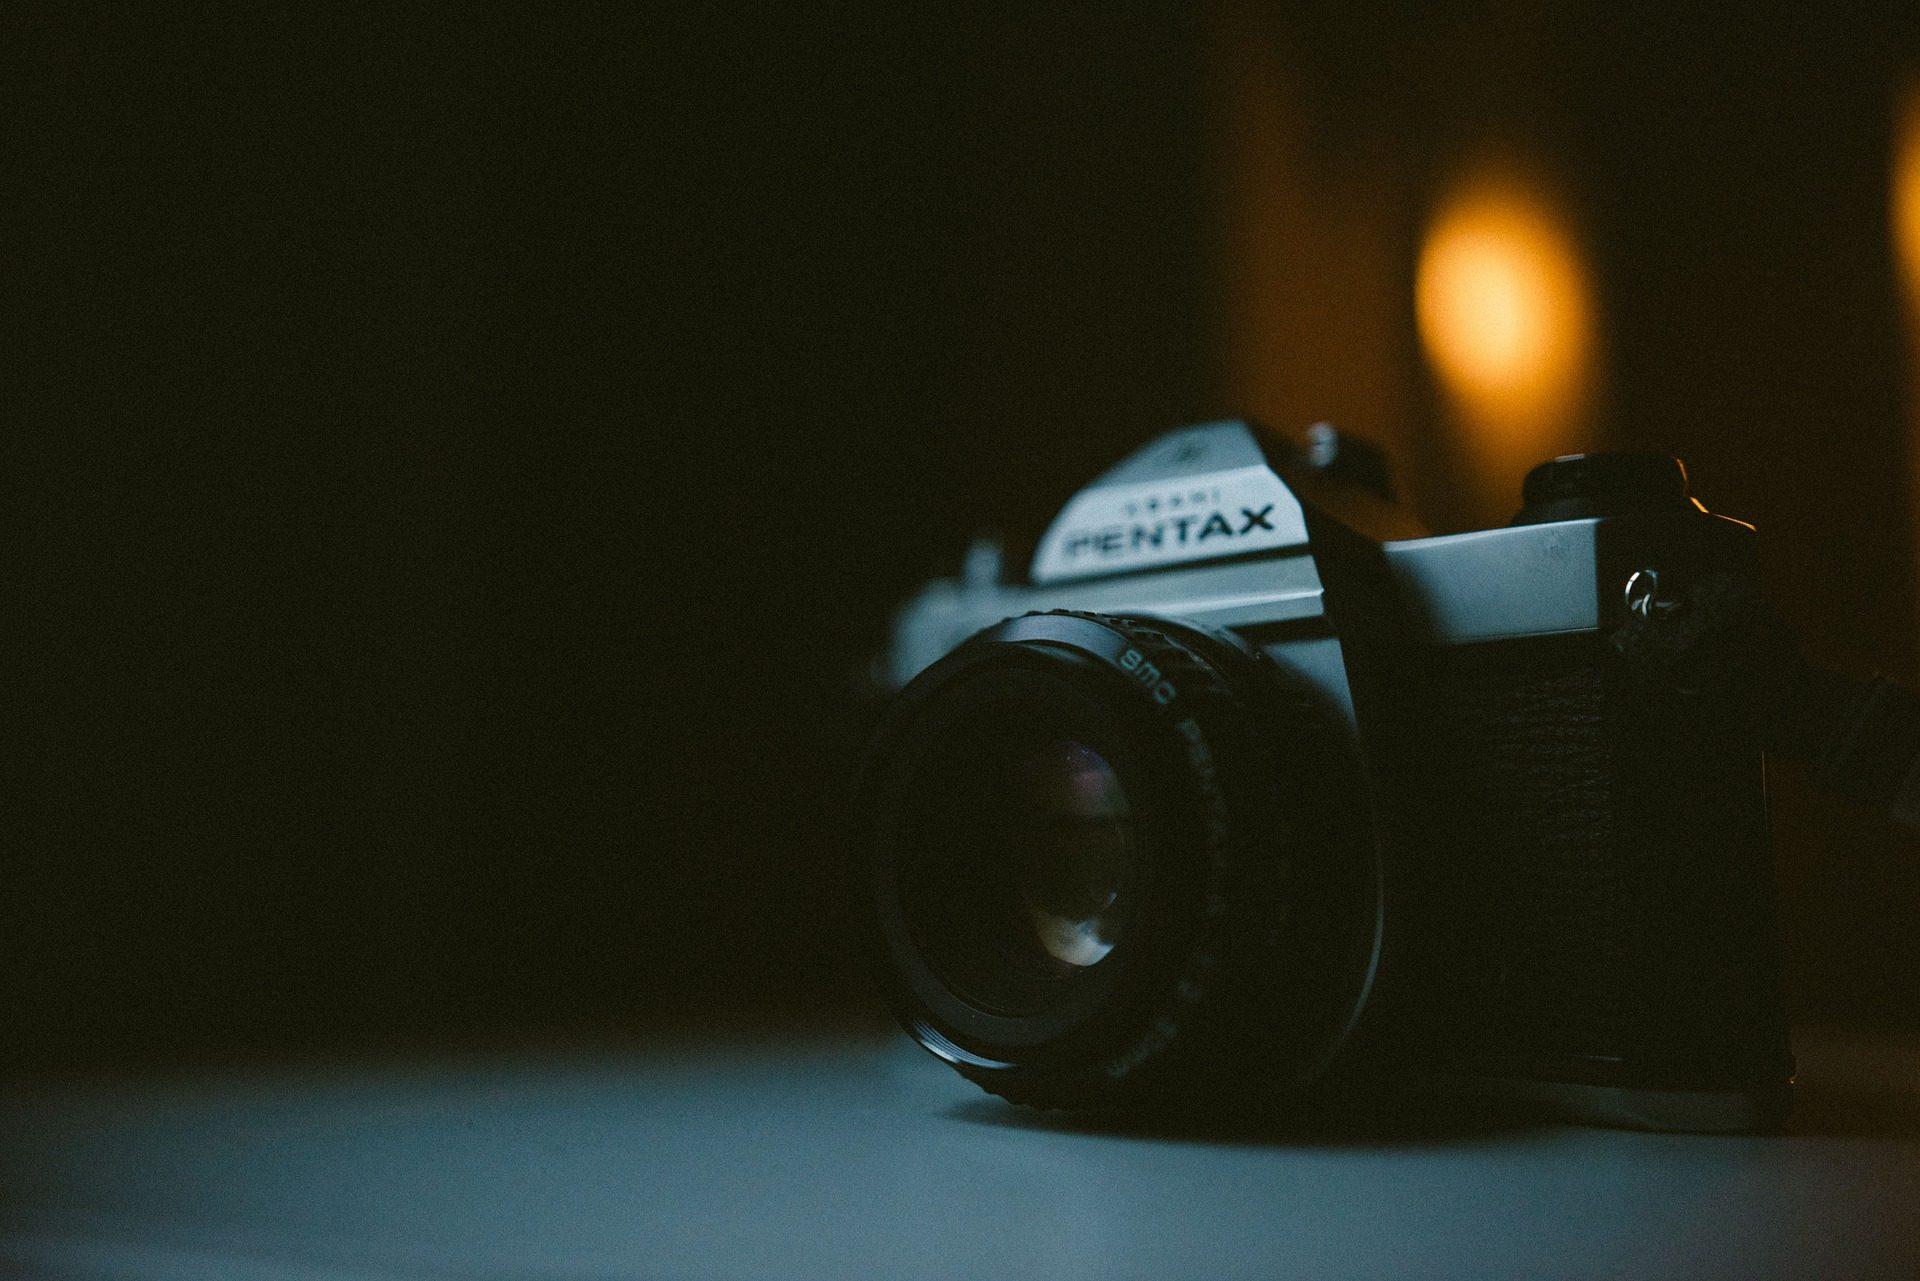 カメラ, 写真, analógica, 古い, ヴィンテージ - HD の壁紙 - 教授-falken.com